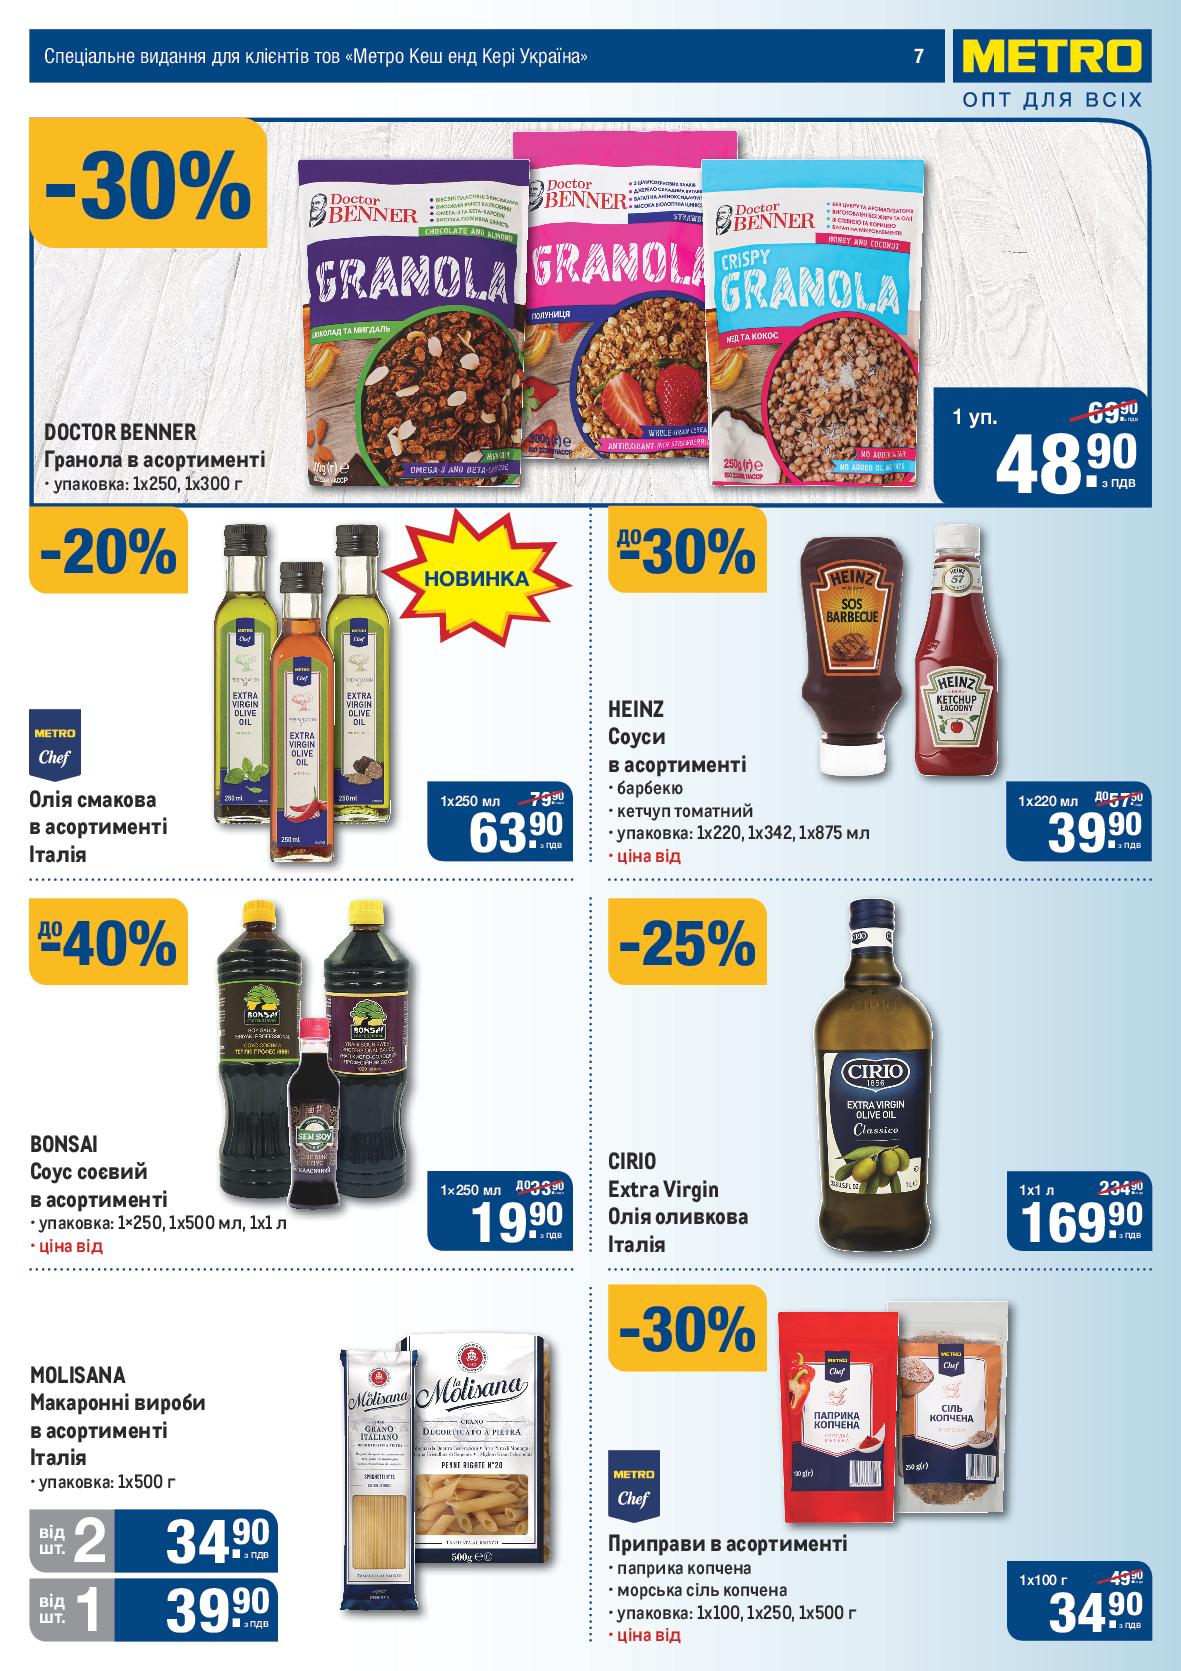 Пора за покупками: свежие скидки и акции в магазинах Днепра , фото-35